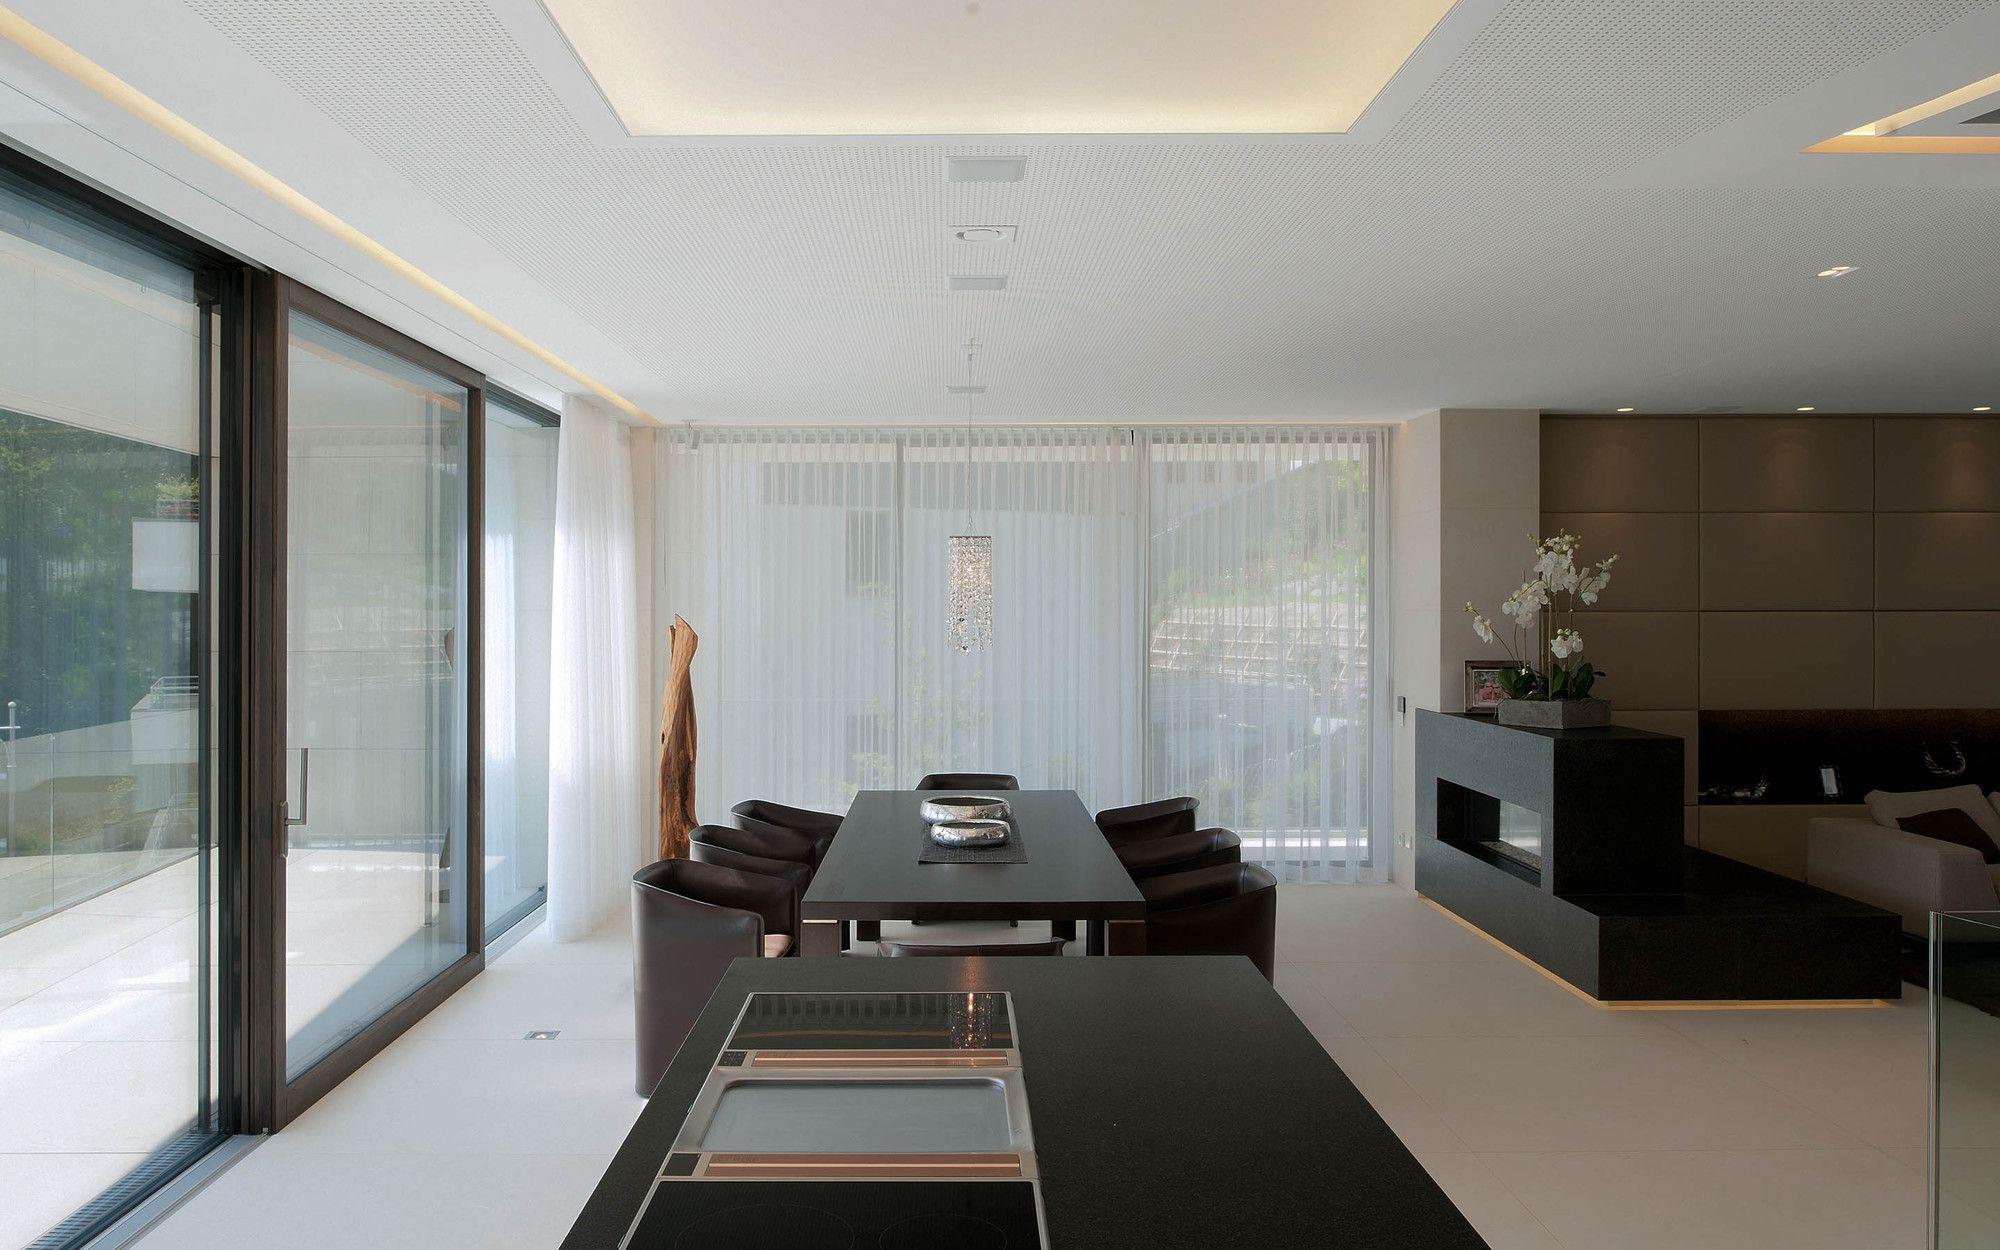 51926238b3fc4b53ed00005d_villa-upper-austria-two-in-a-box-architekten_villa_upper_austria_-_04_-_two_in_a_box_-_architekten